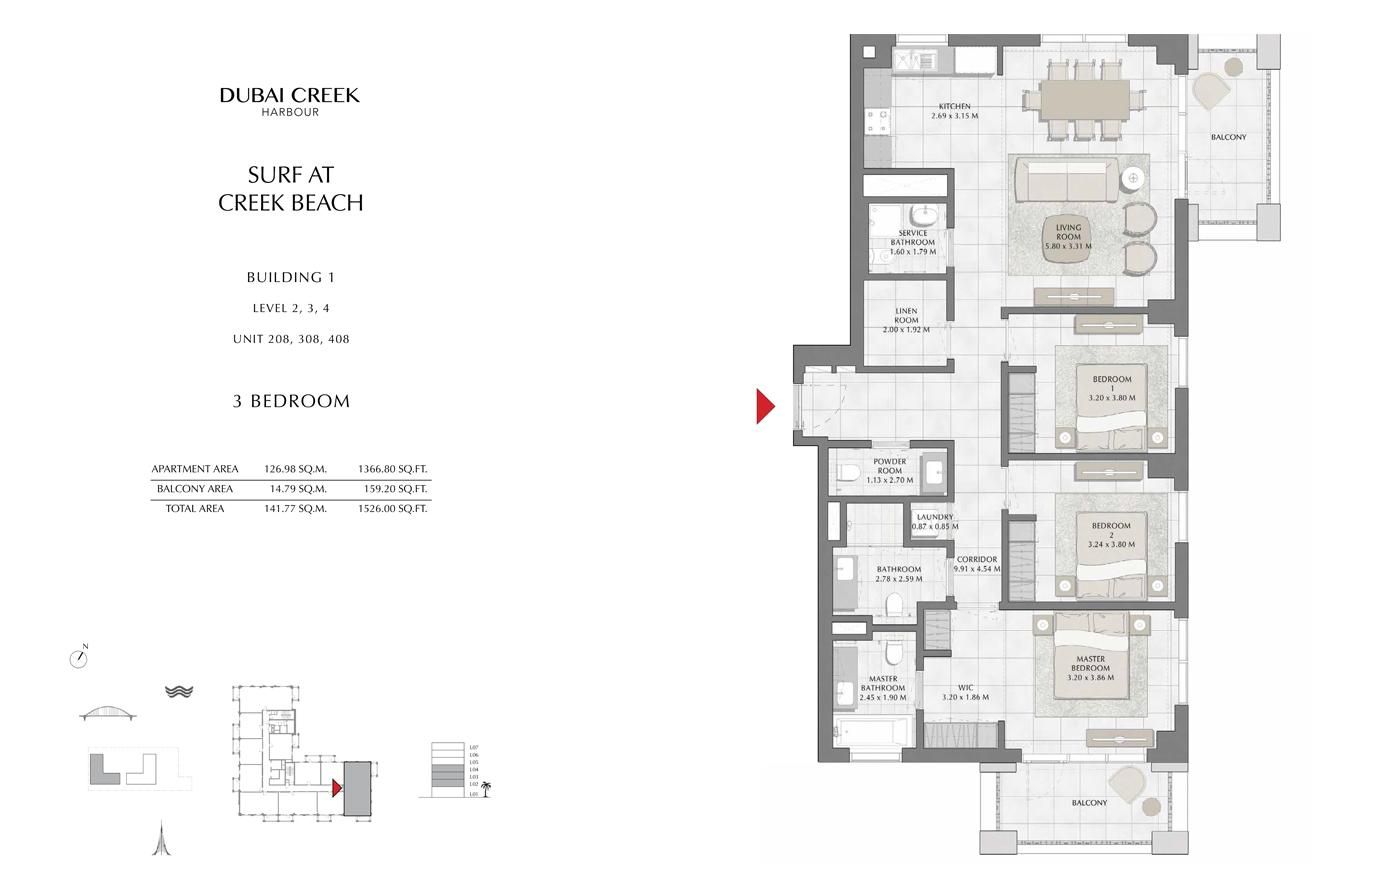 المبنى 1، 3 غرف نوم، المستوى 2، 3، 4، حجم 1526 قدم مربع